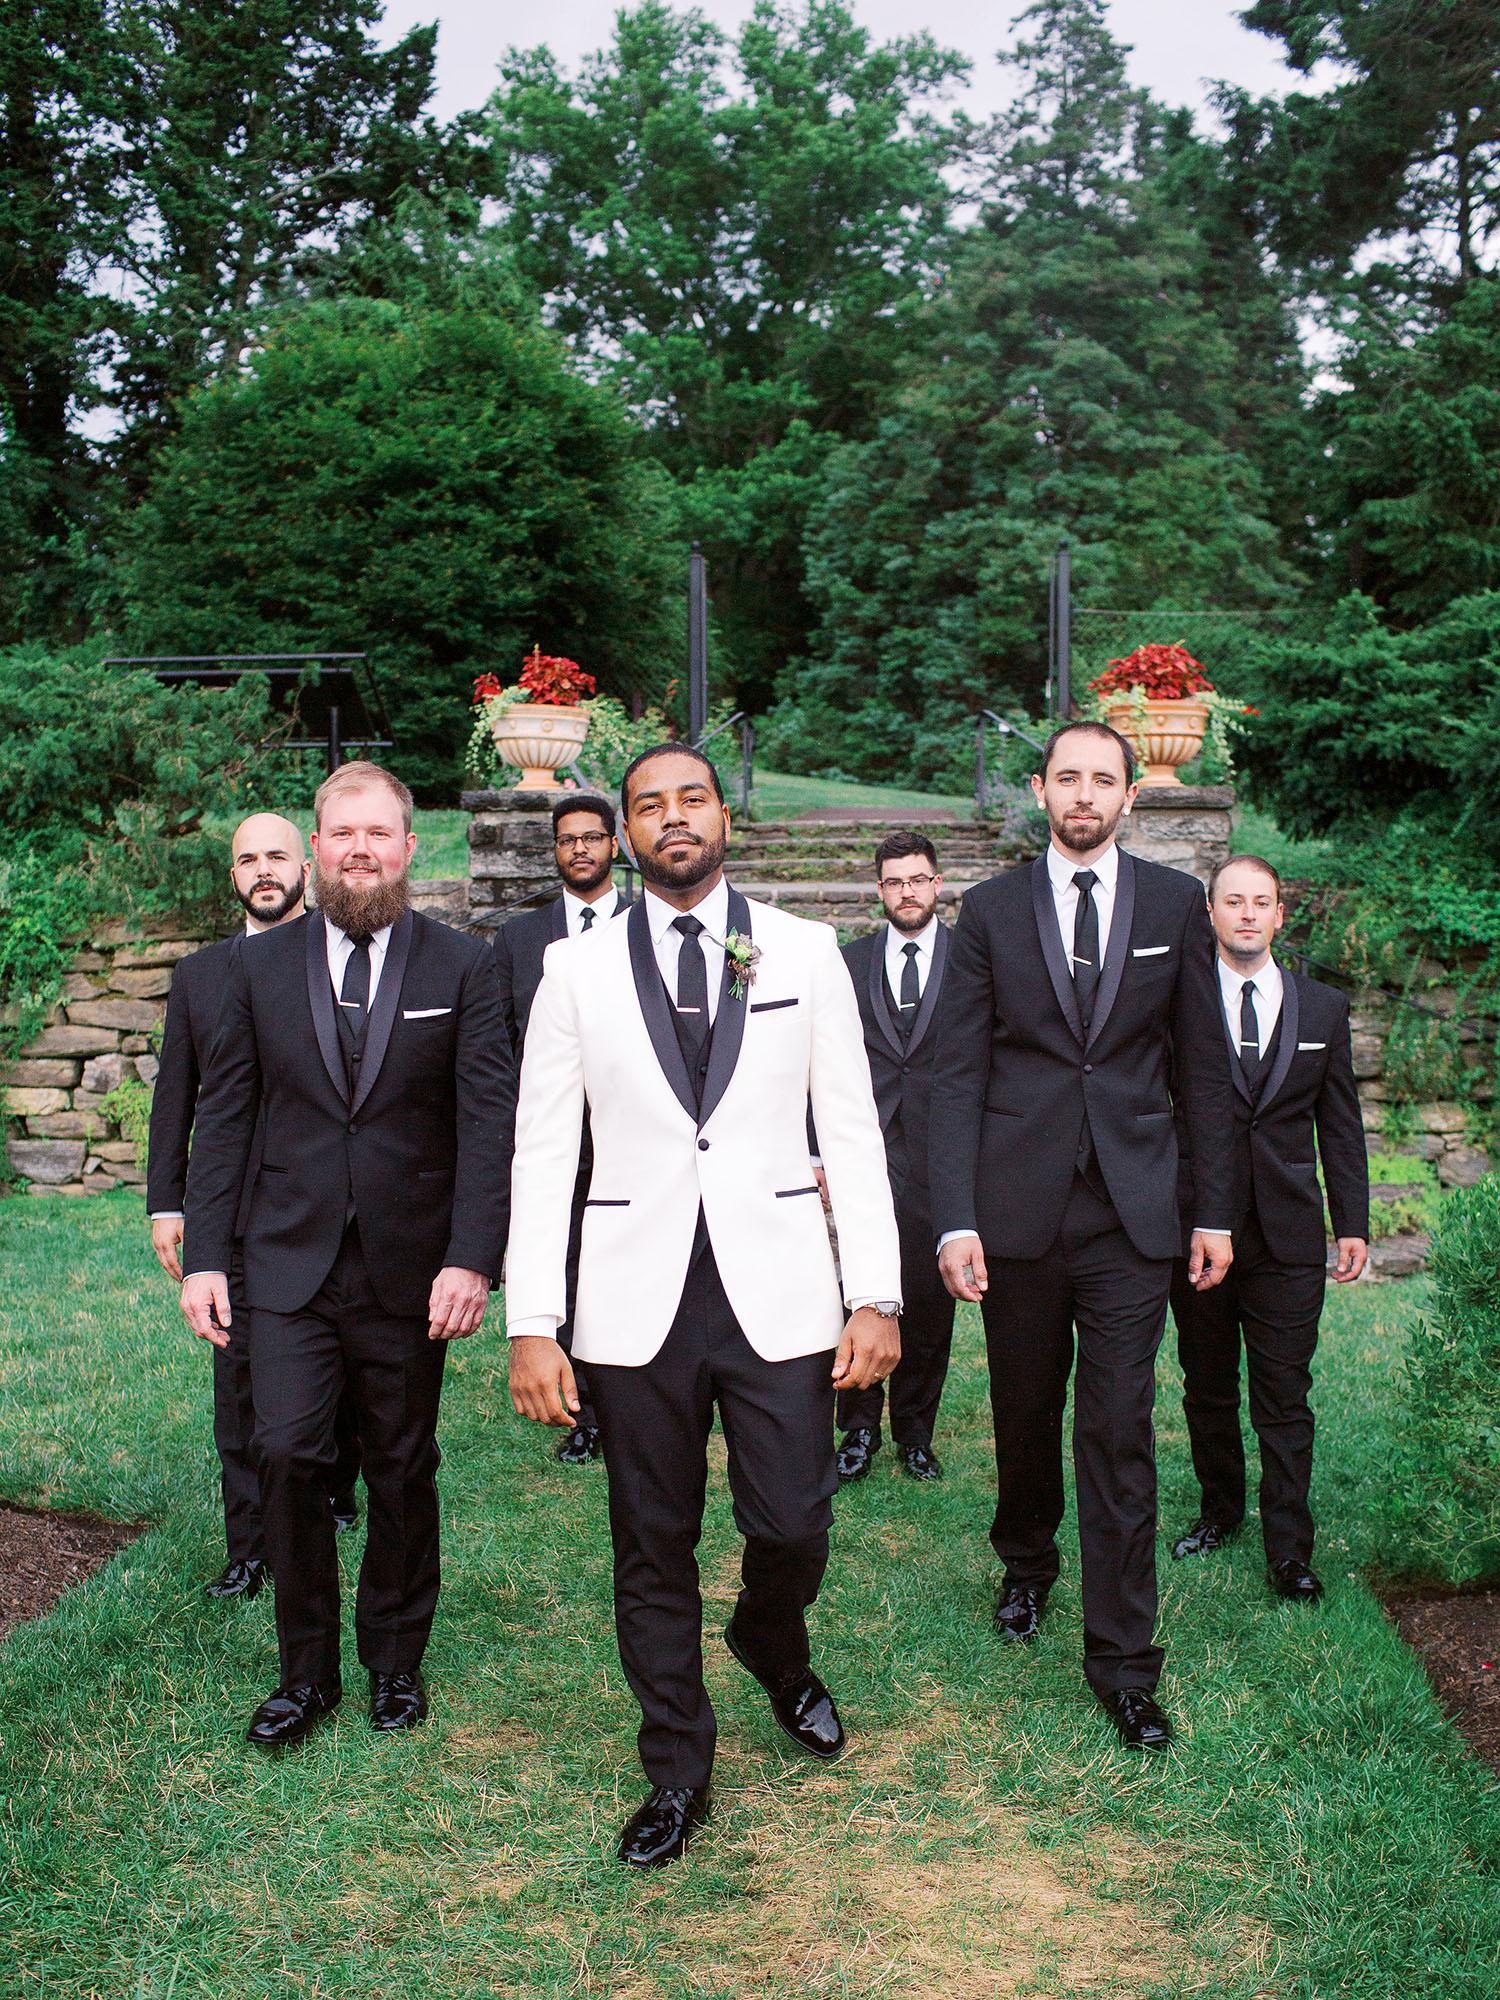 noel mike wedding groom and groomsmen